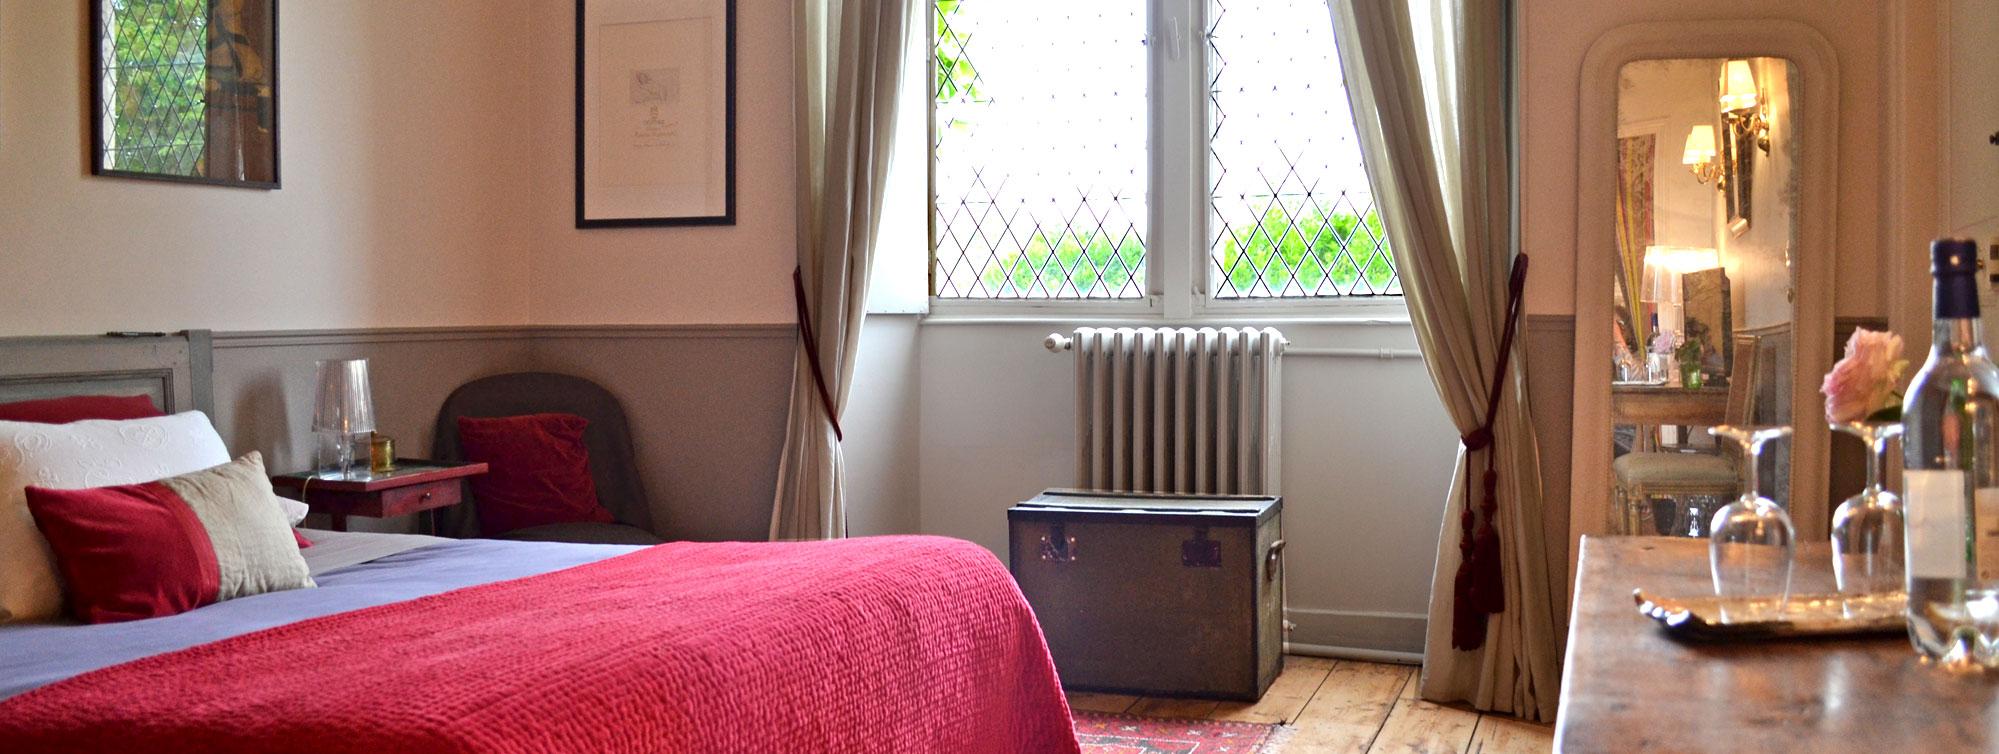 Chambre Marguerite d'Angoulême - Chambre d'hôte Chateau de Maumont ©Chateau de Maumont